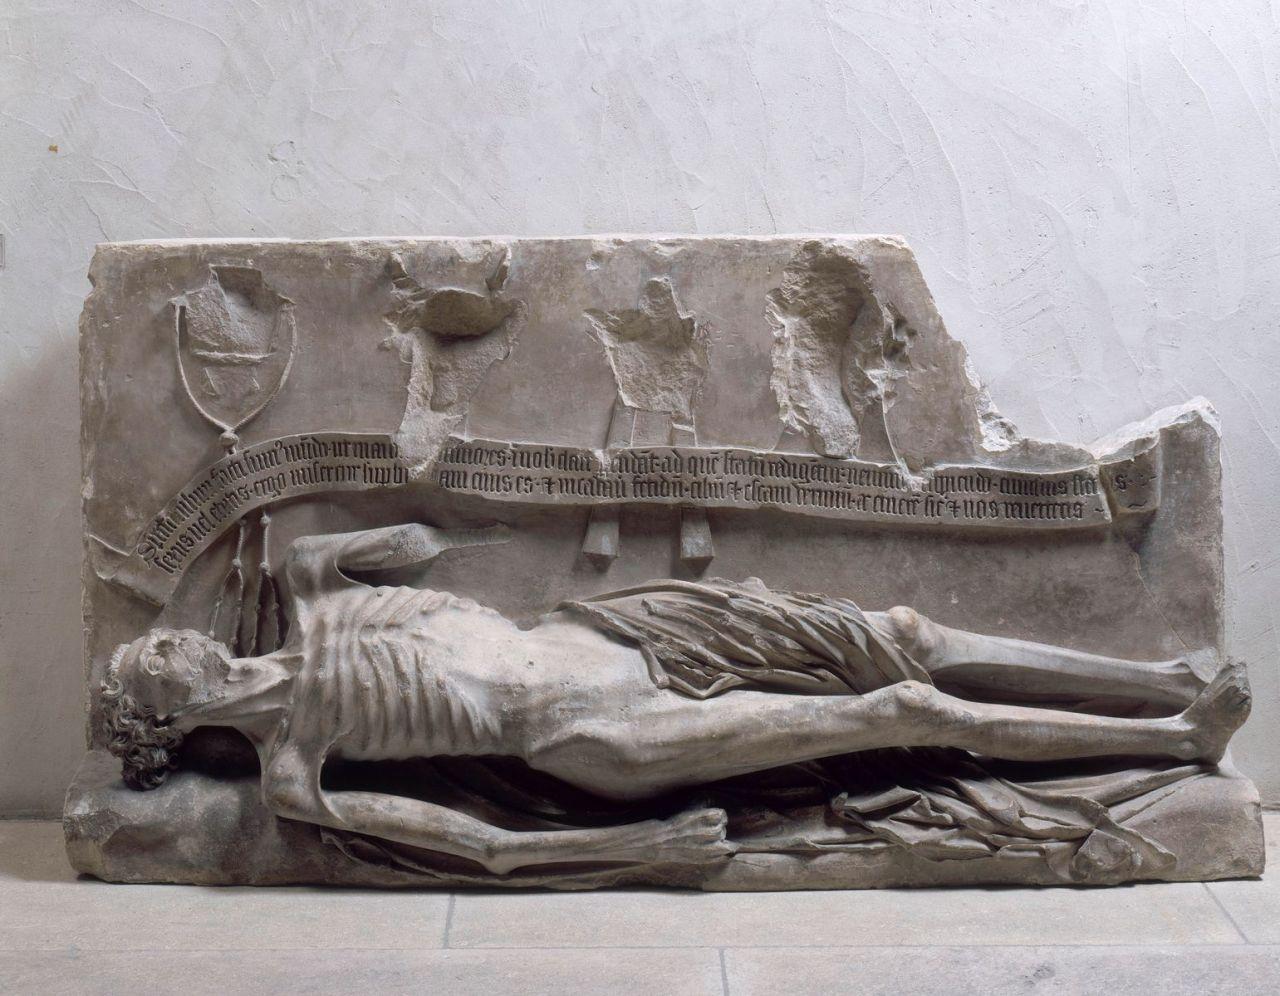 transi-du-cardinal-jean-de-la-grange-mort-en-1402-musee-du-petit-palais-avignonxiveme-xveme-siecles-tu-seras-bientot-comme-moi-un-cadavre-hideux-pature-des-vers